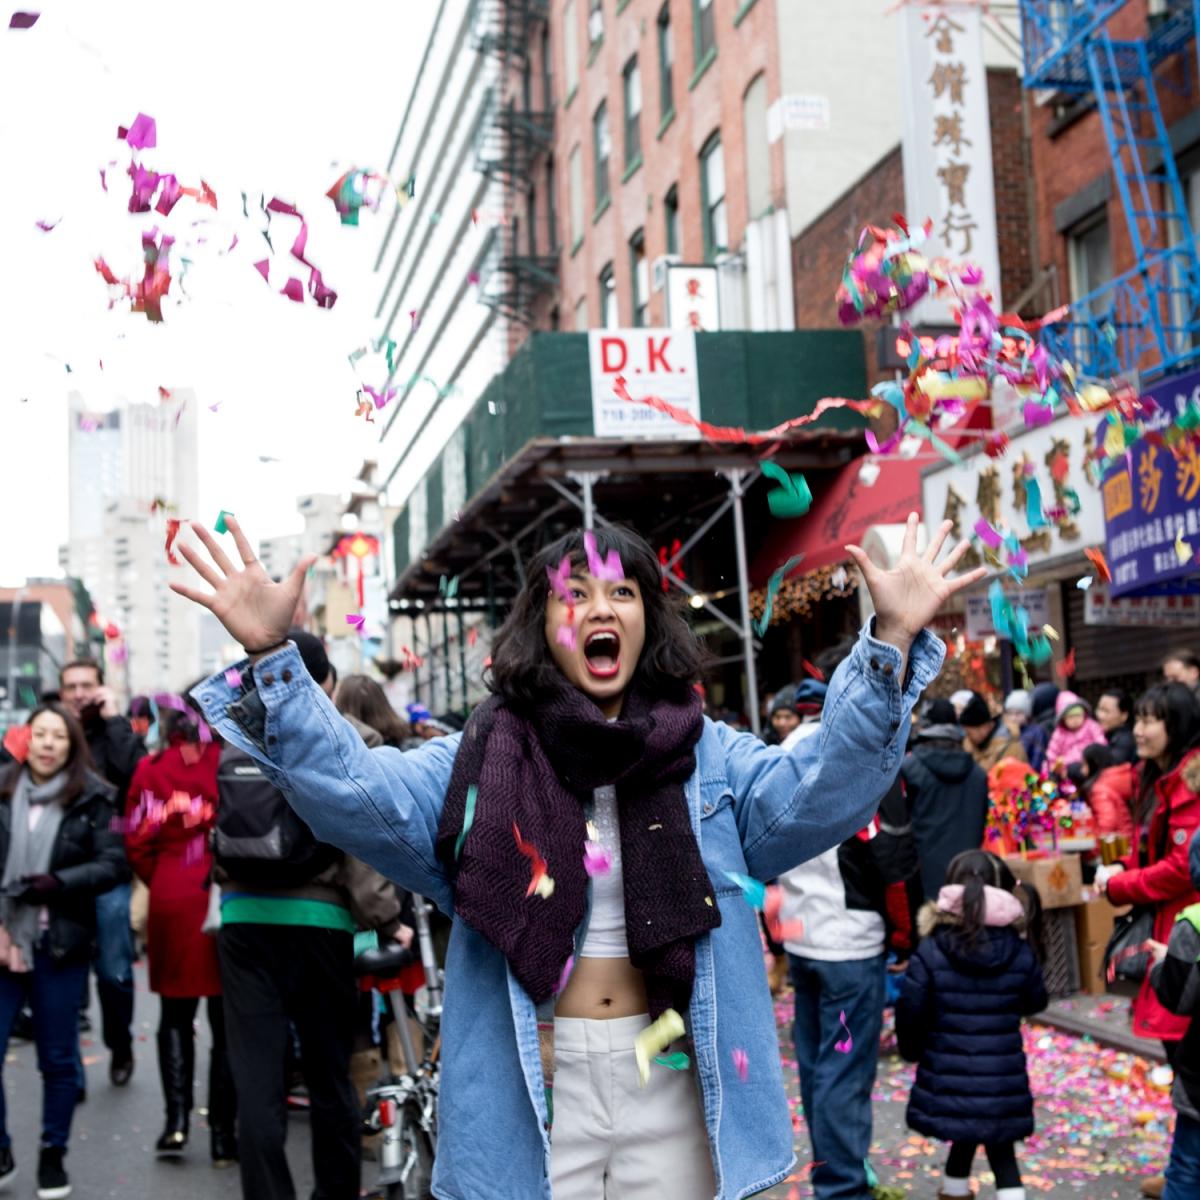 美國春節好熱鬧    ----紐約曼哈頓唐人街大年初一 20170128_图1-3